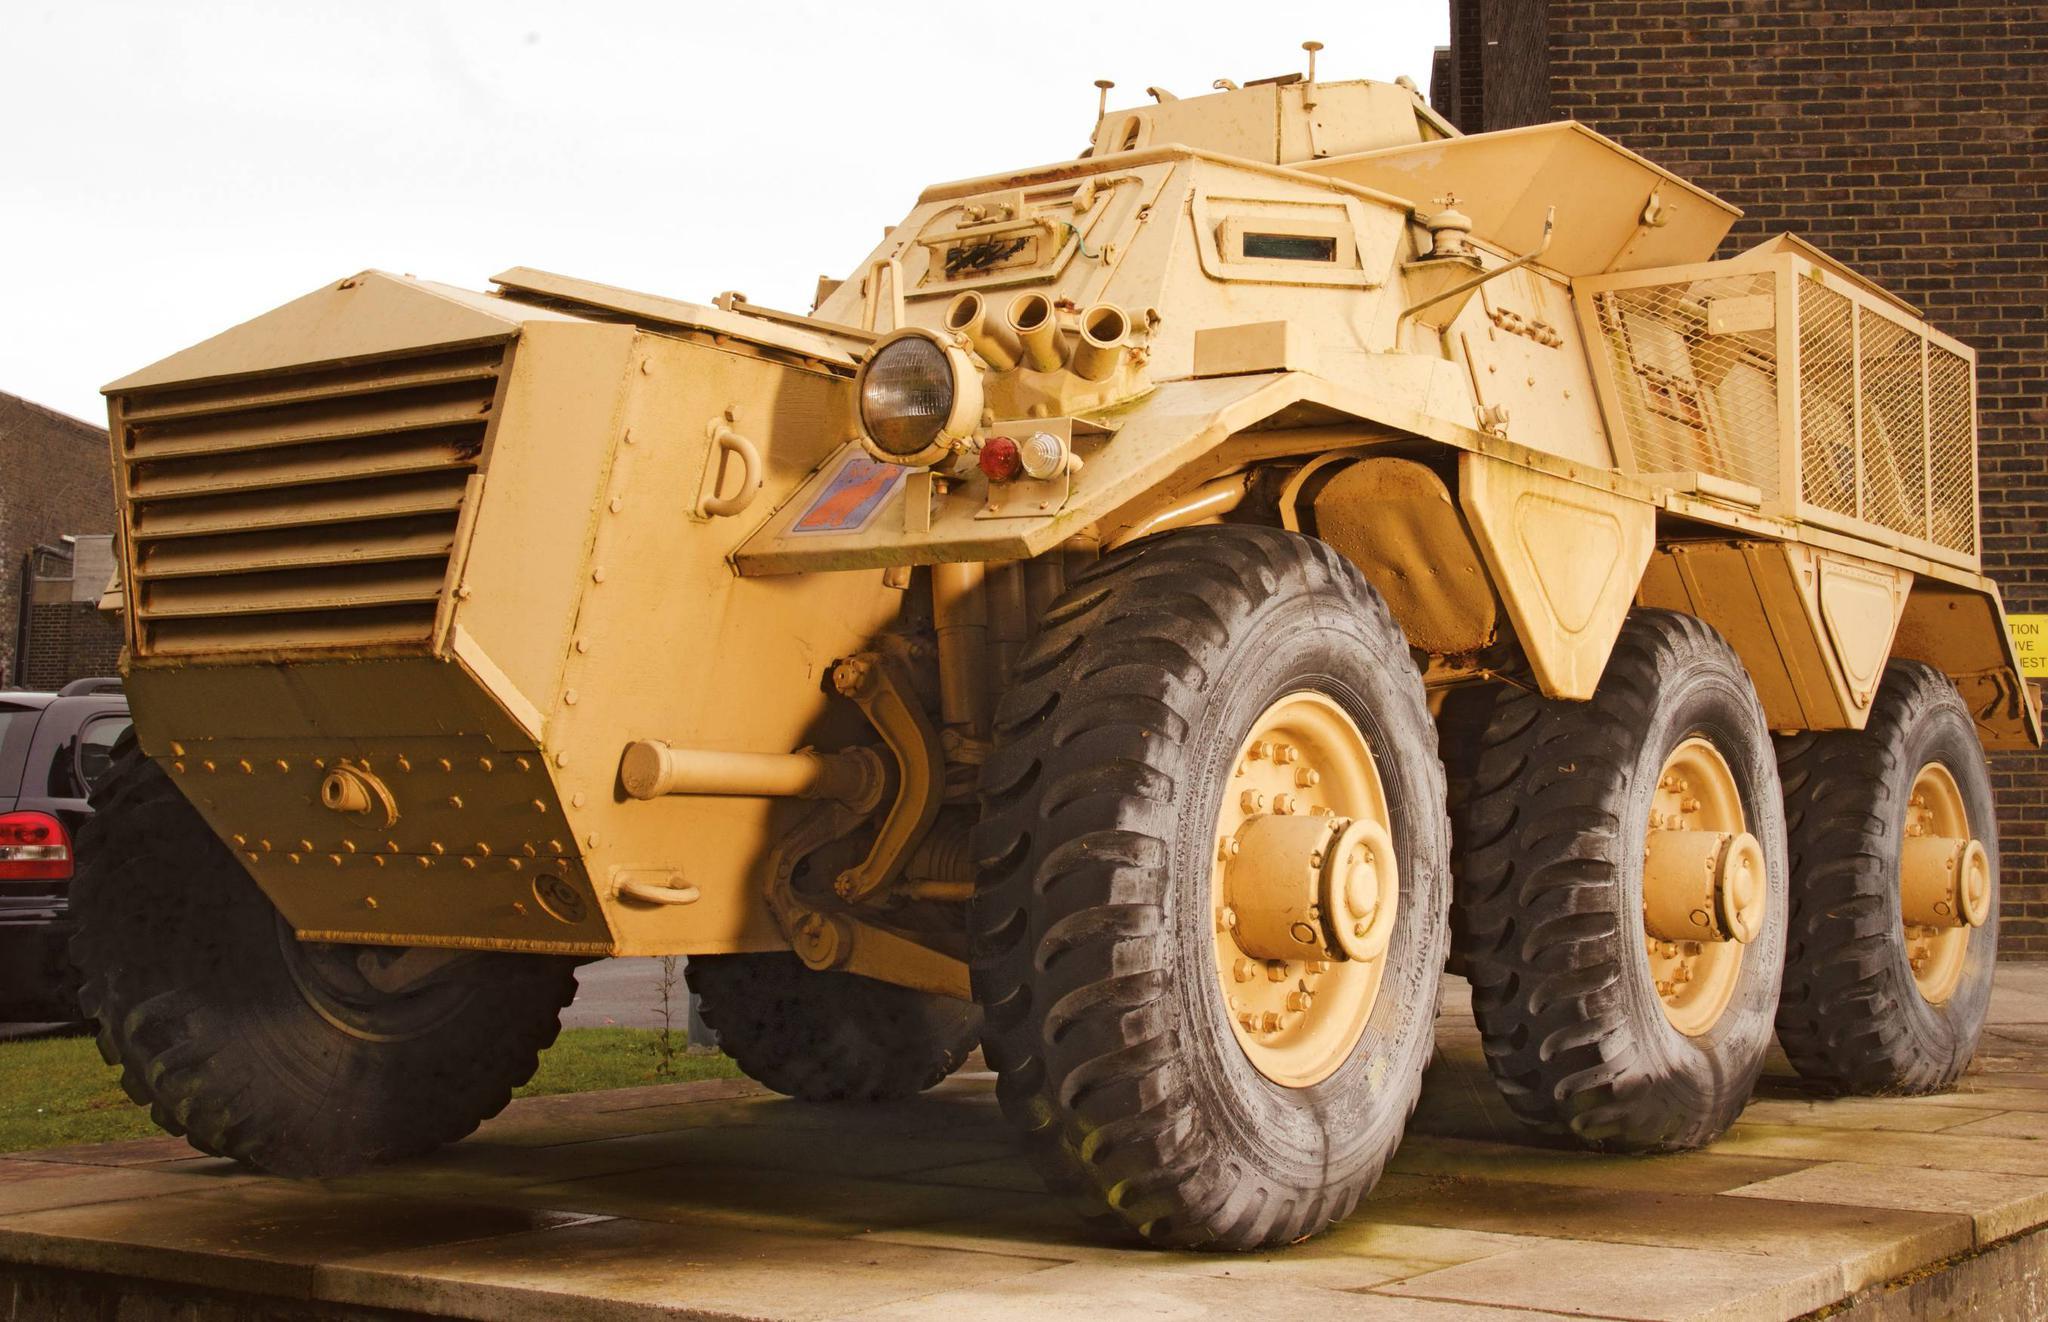 Fv603 Saracen Armoured Personnel Carrier   Scribd